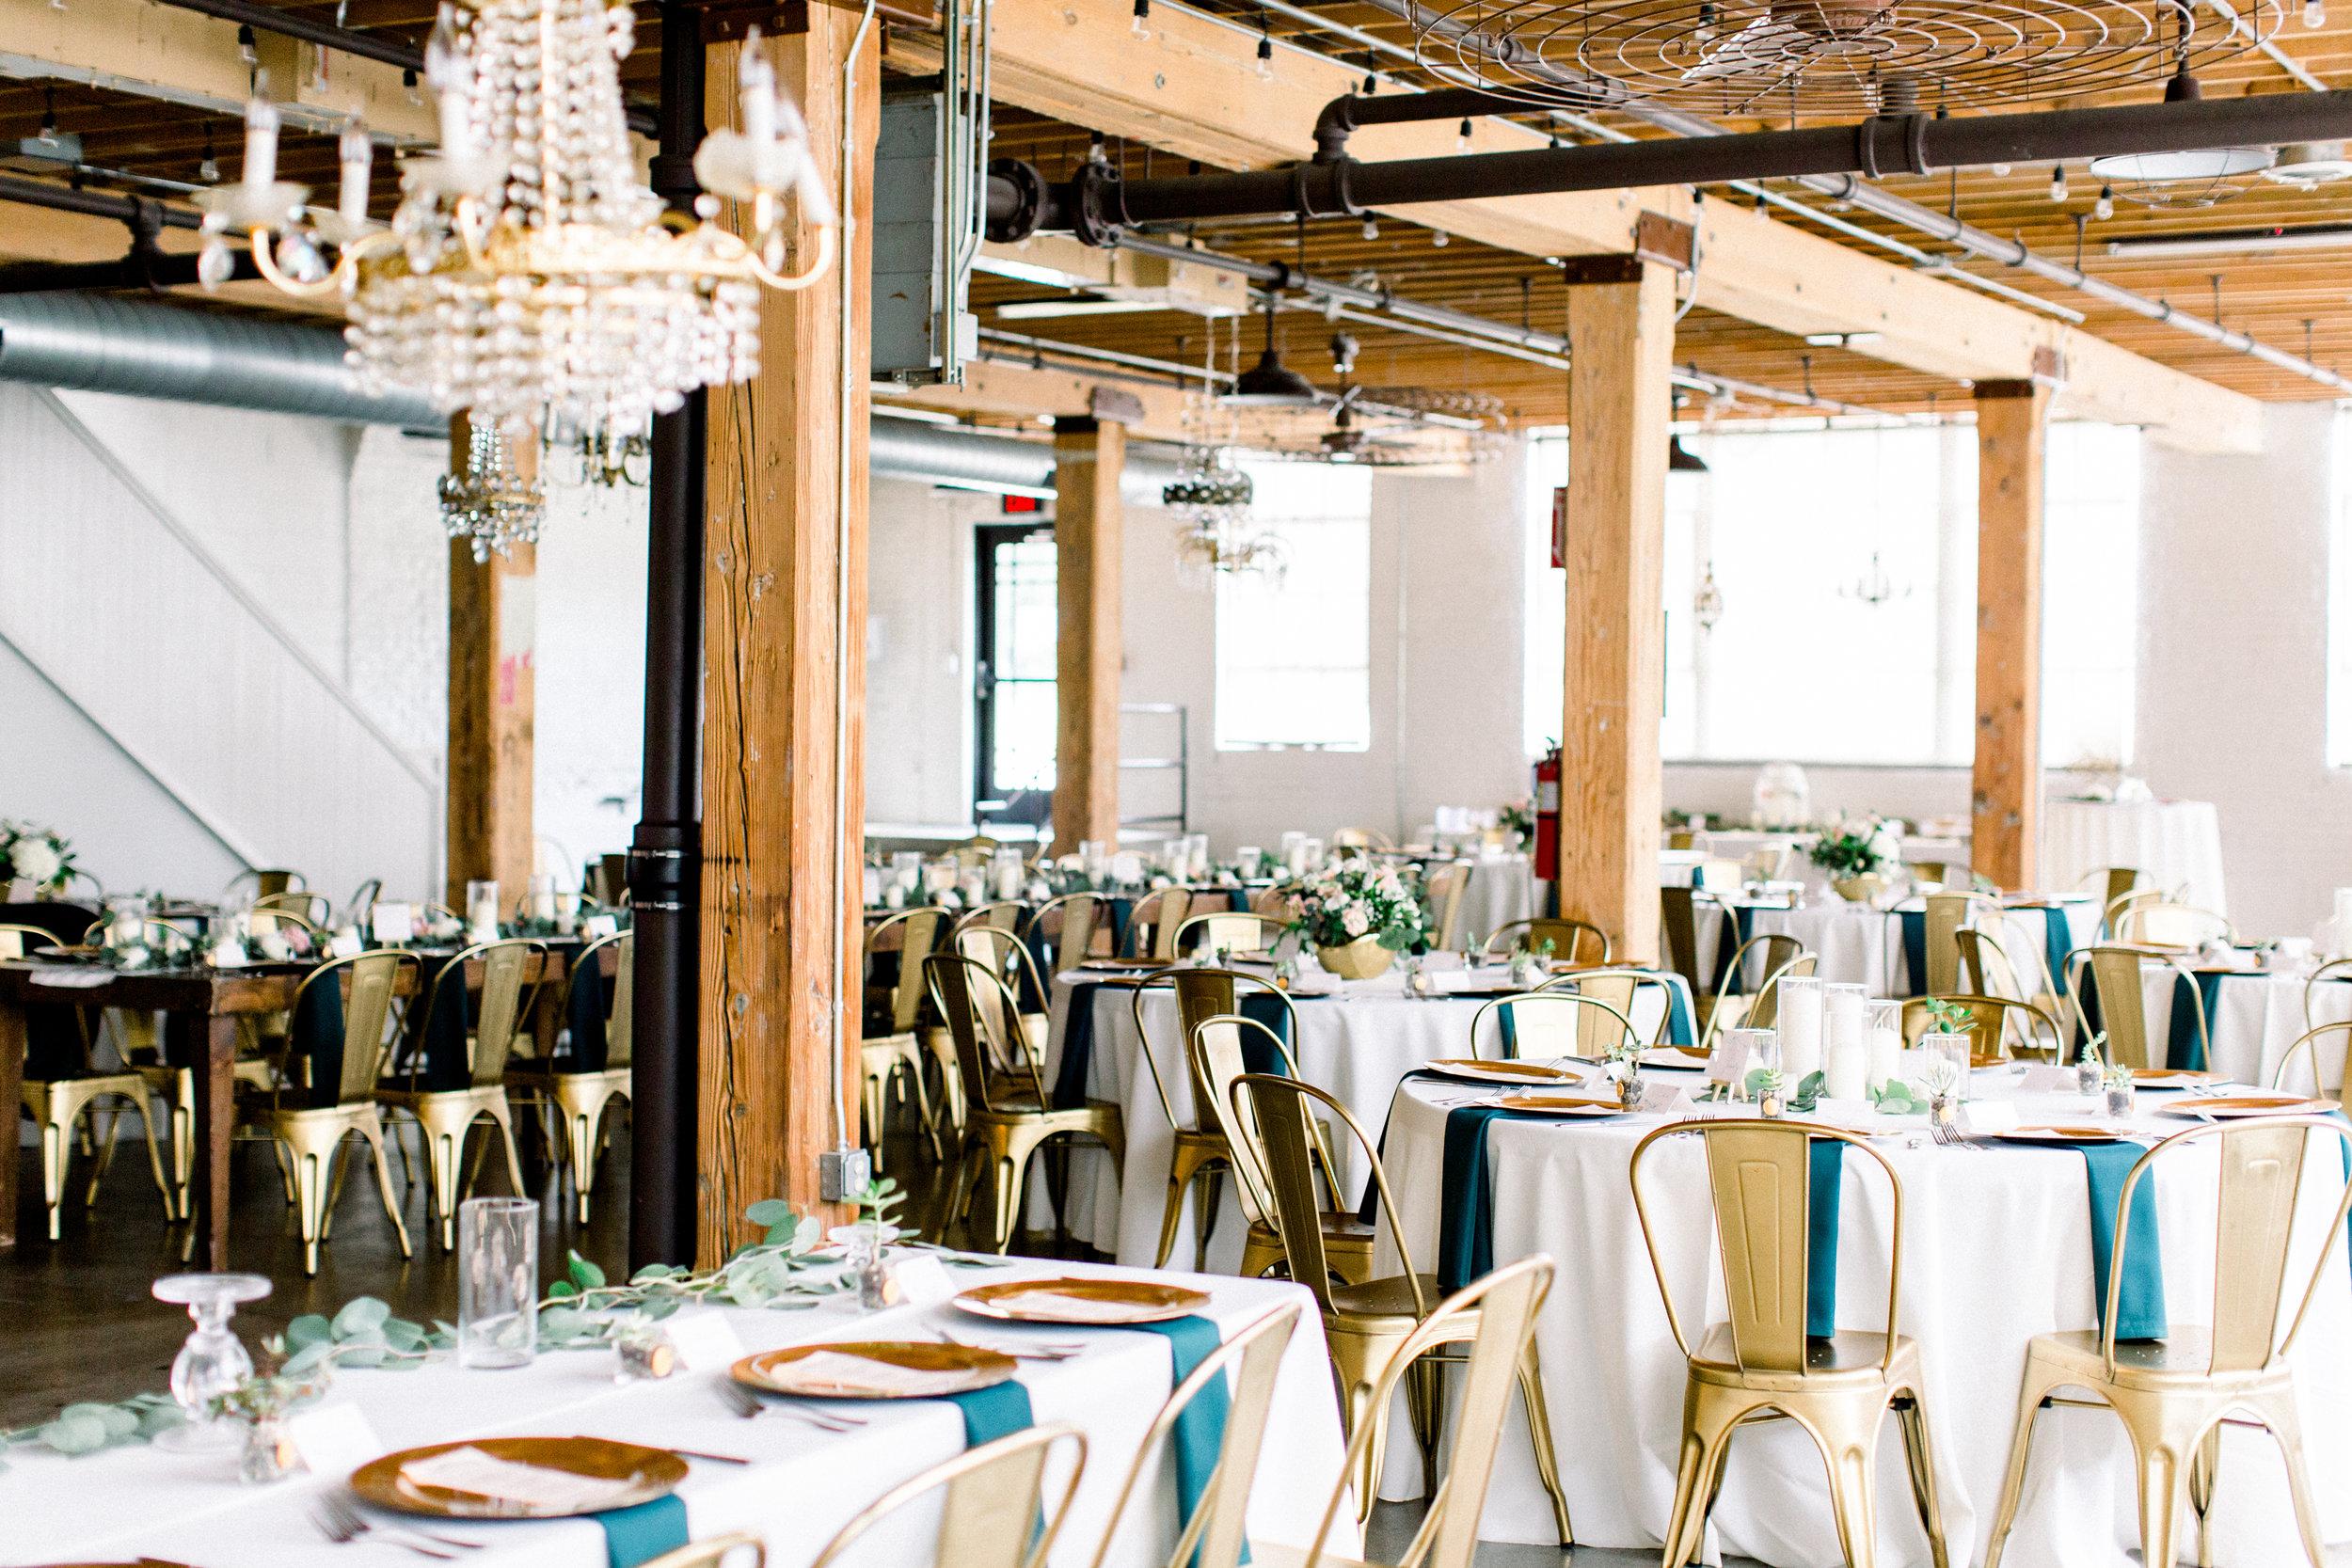 Steiner+Wedding+Reception+Details-33.jpg